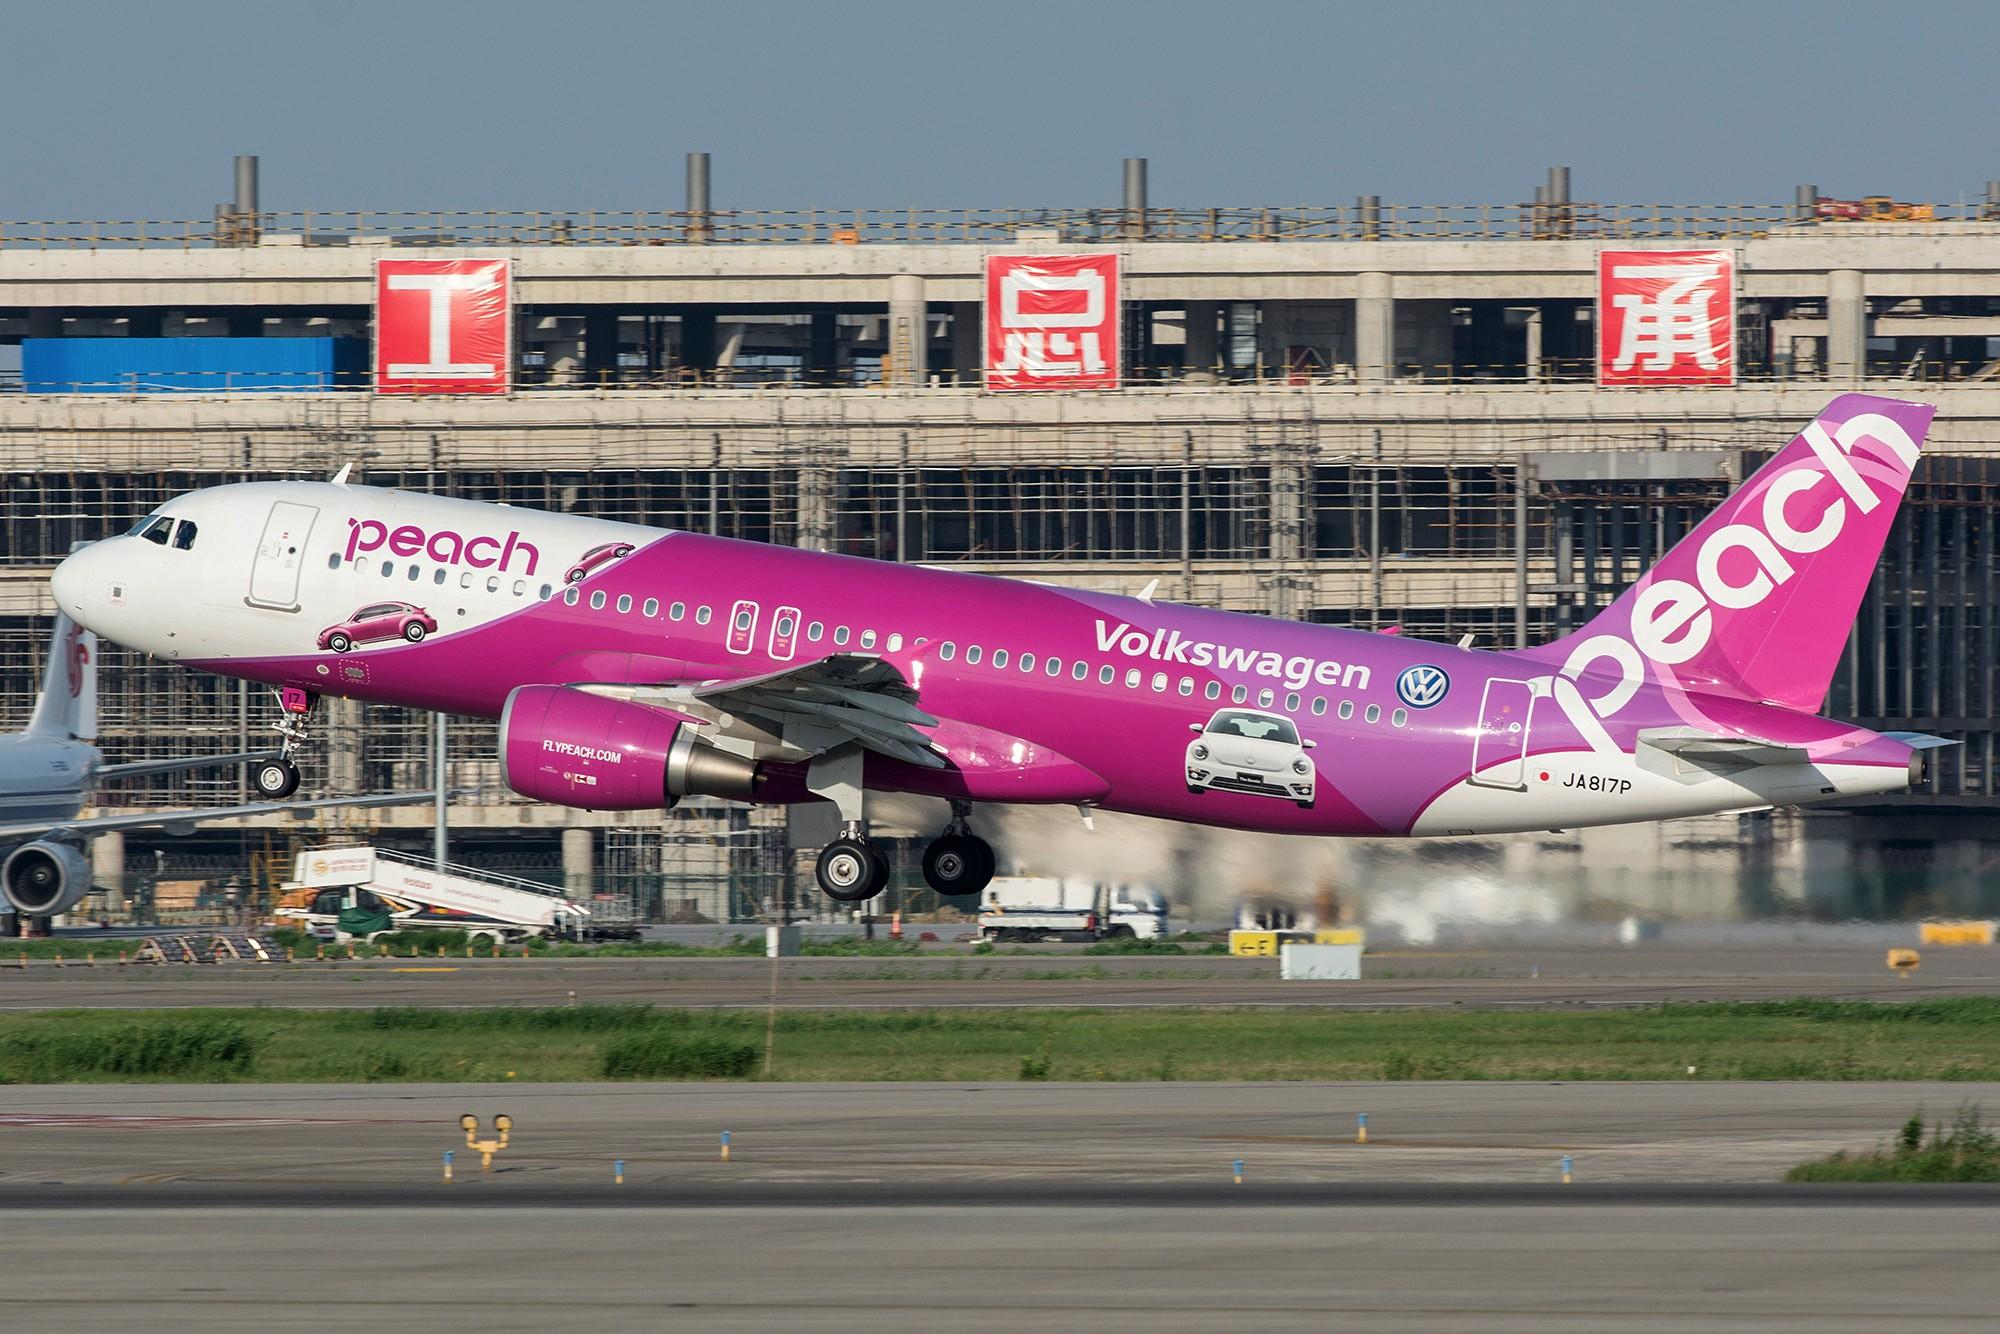 [原创][PVG] 乐桃航空 A320 大众甲壳虫彩绘 AIRBUS A320-200 JA817P 中国上海浦东国际机场